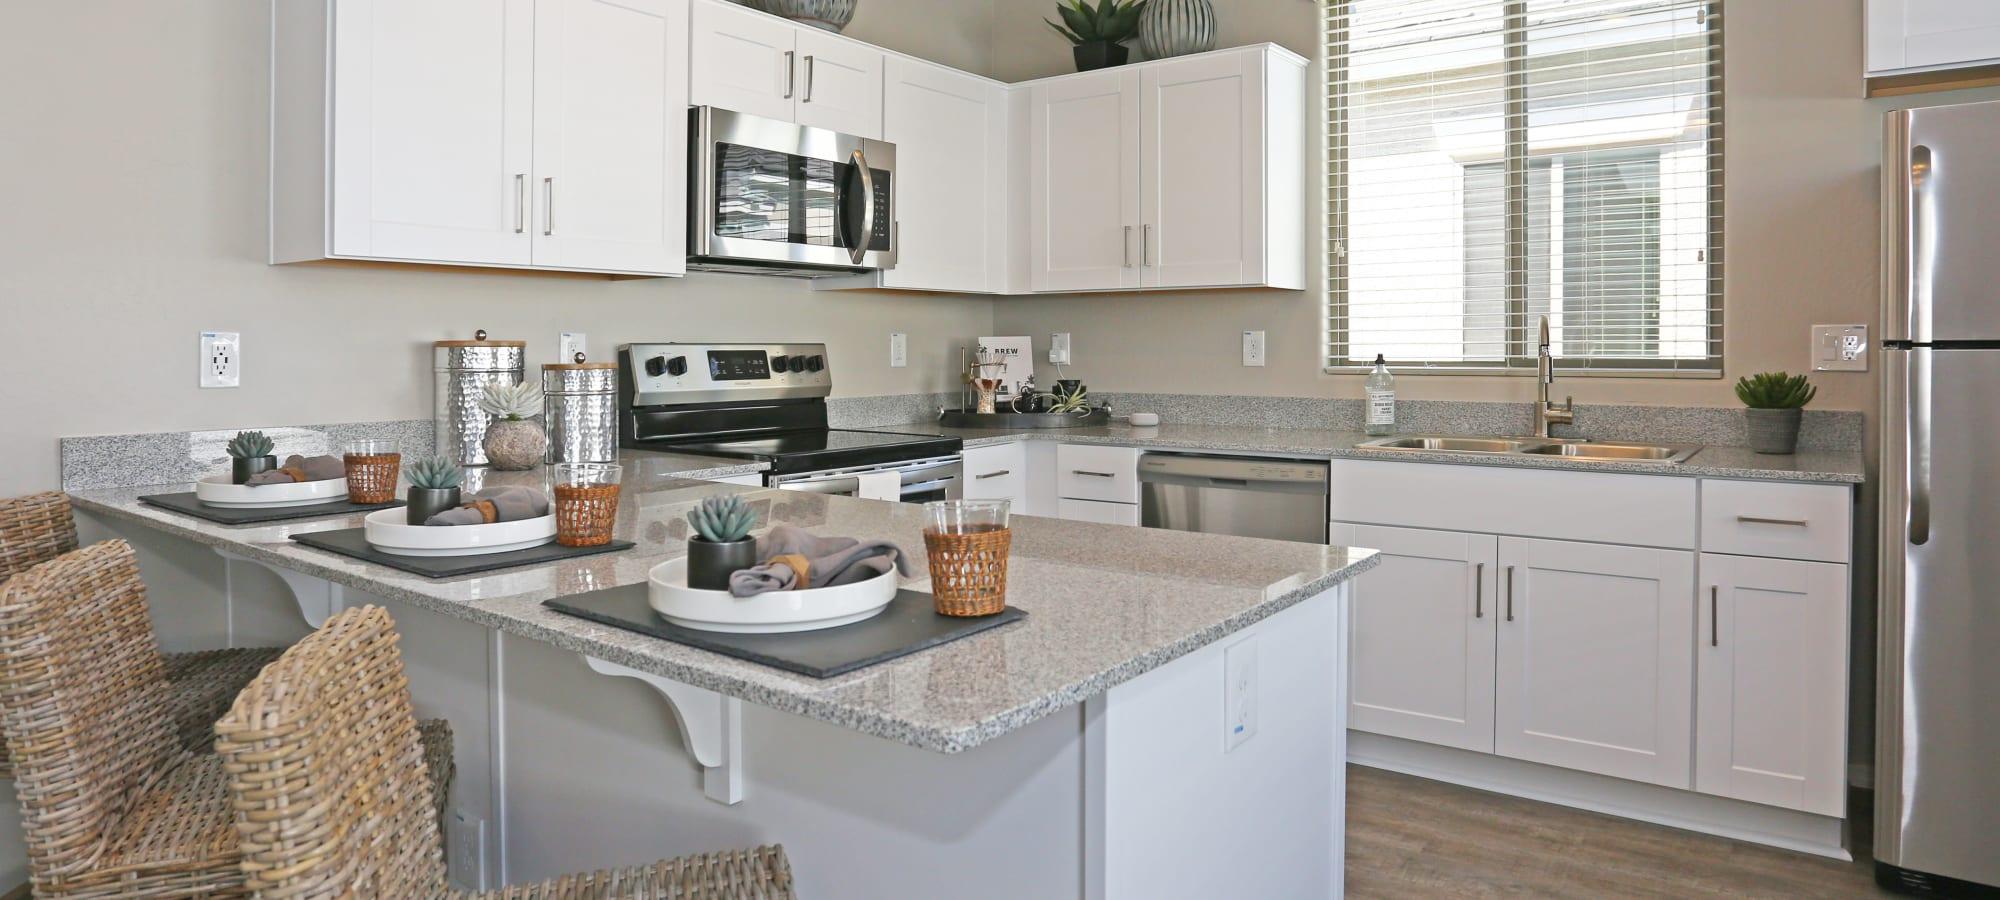 Our apartments in Surprise, Arizona showcase a luxury kitchen